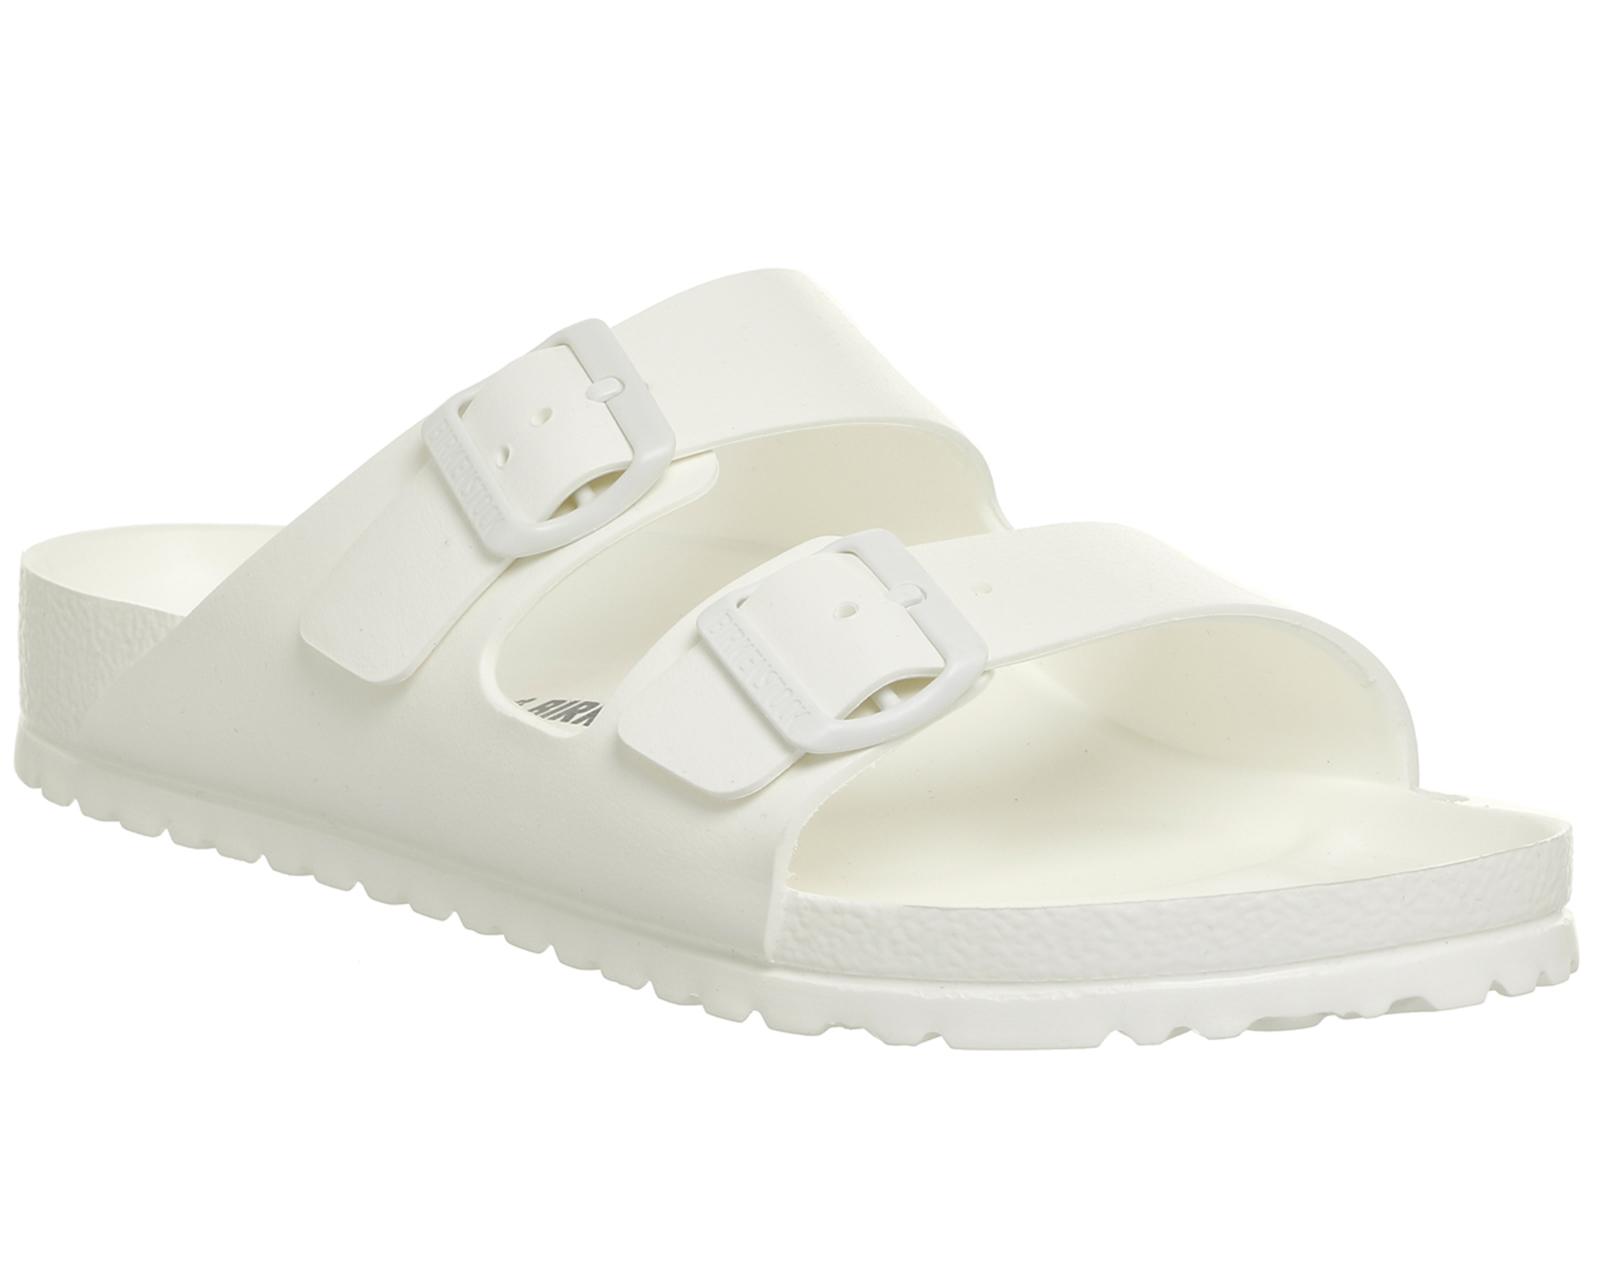 pretty nice 5c7ec 1fc91 Dettagli su Uomo Birkenstock Arizona Due Sandali con Cinturino Bianco  Sandali di Plastica